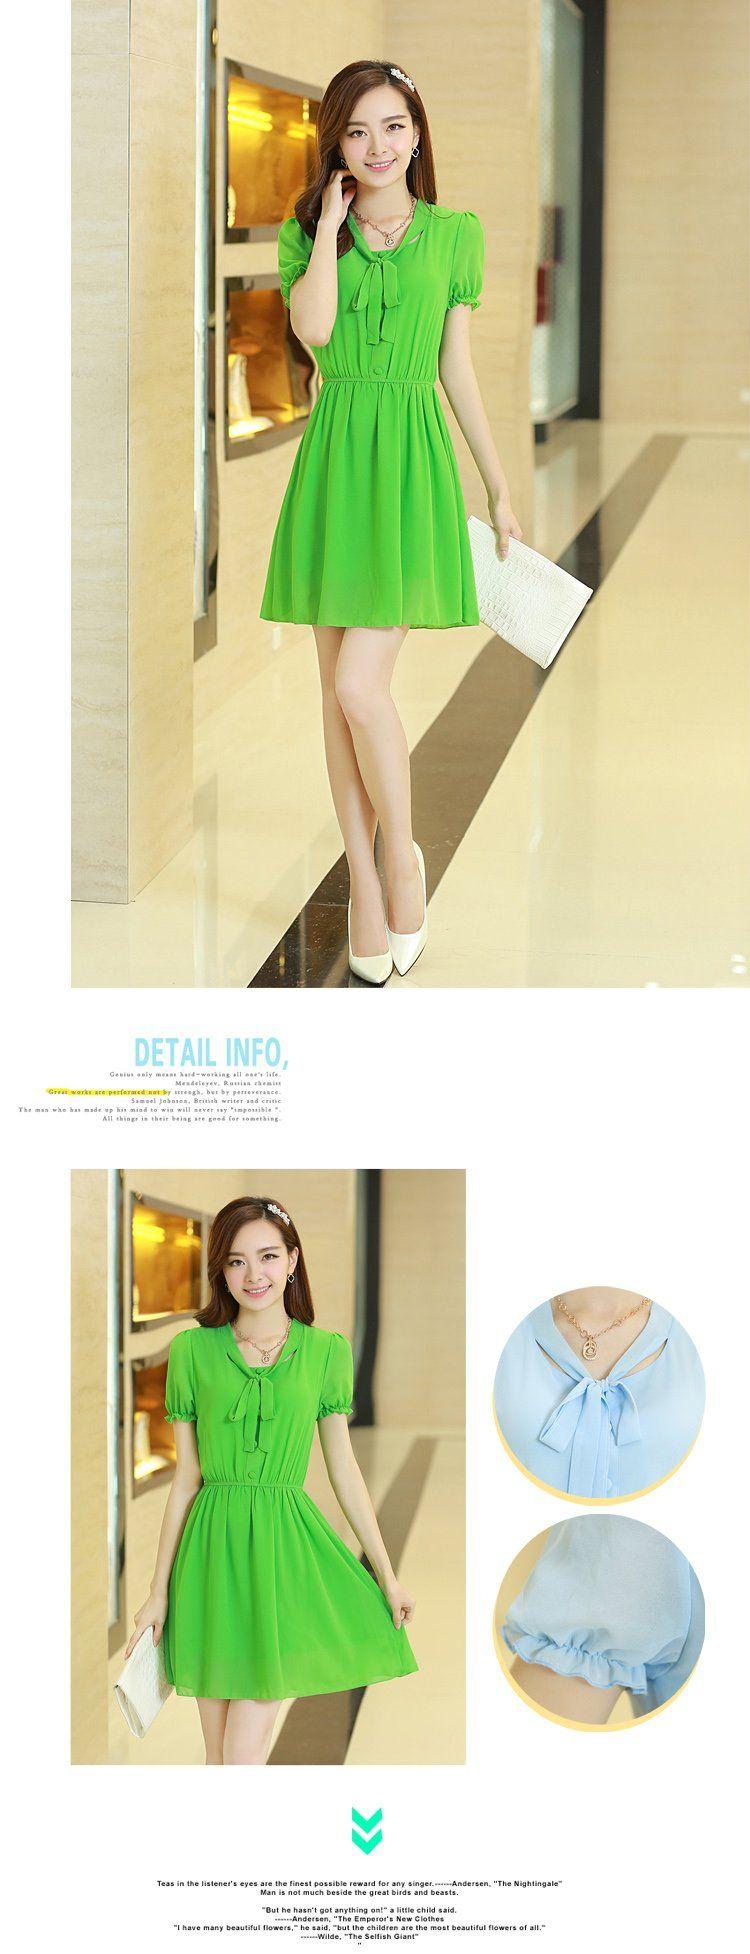 Chiffon Dresses : Gathered Waist Short Sleeve Chiffon Dress YRB0504